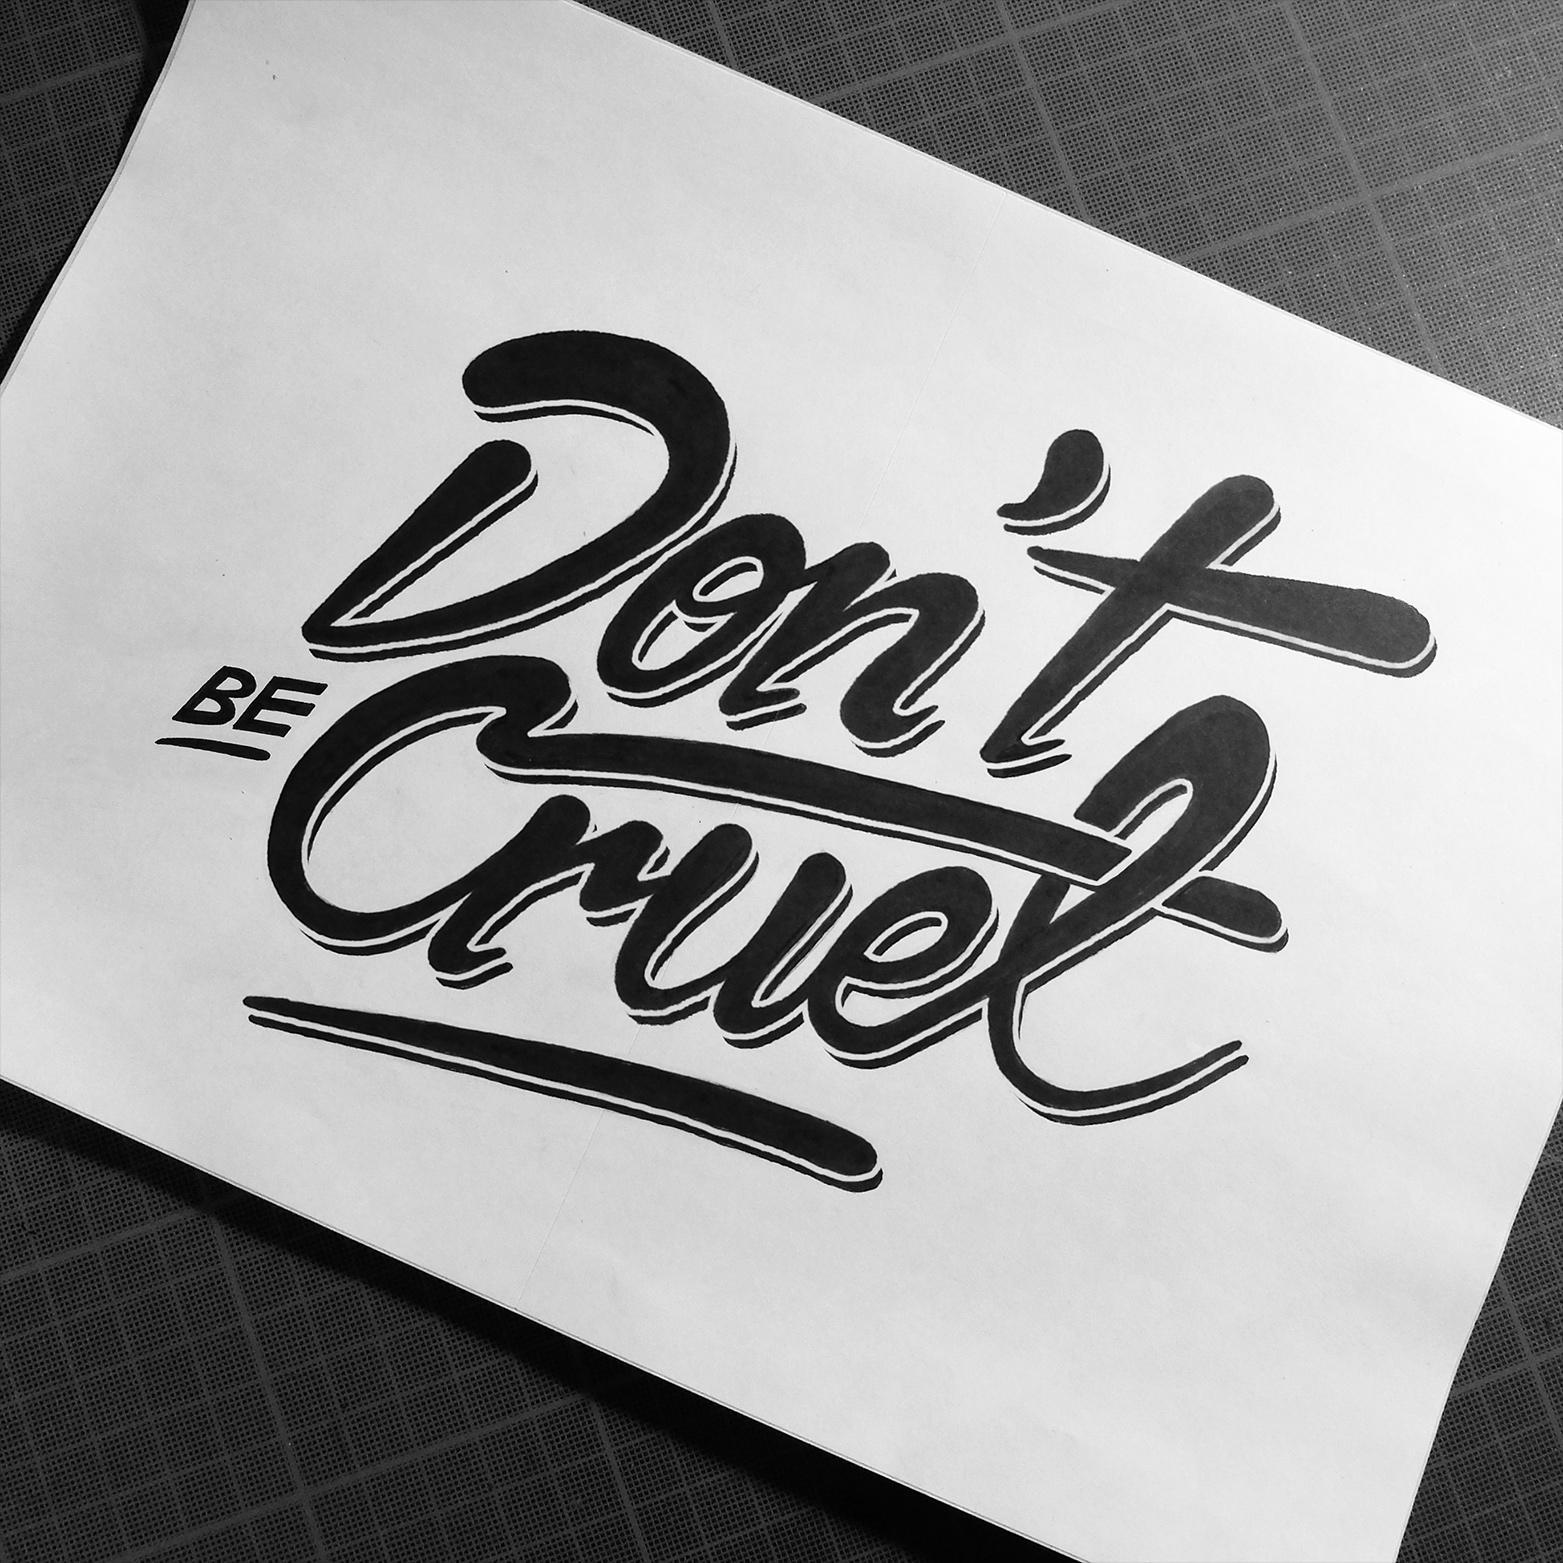 Dont-be-cruel